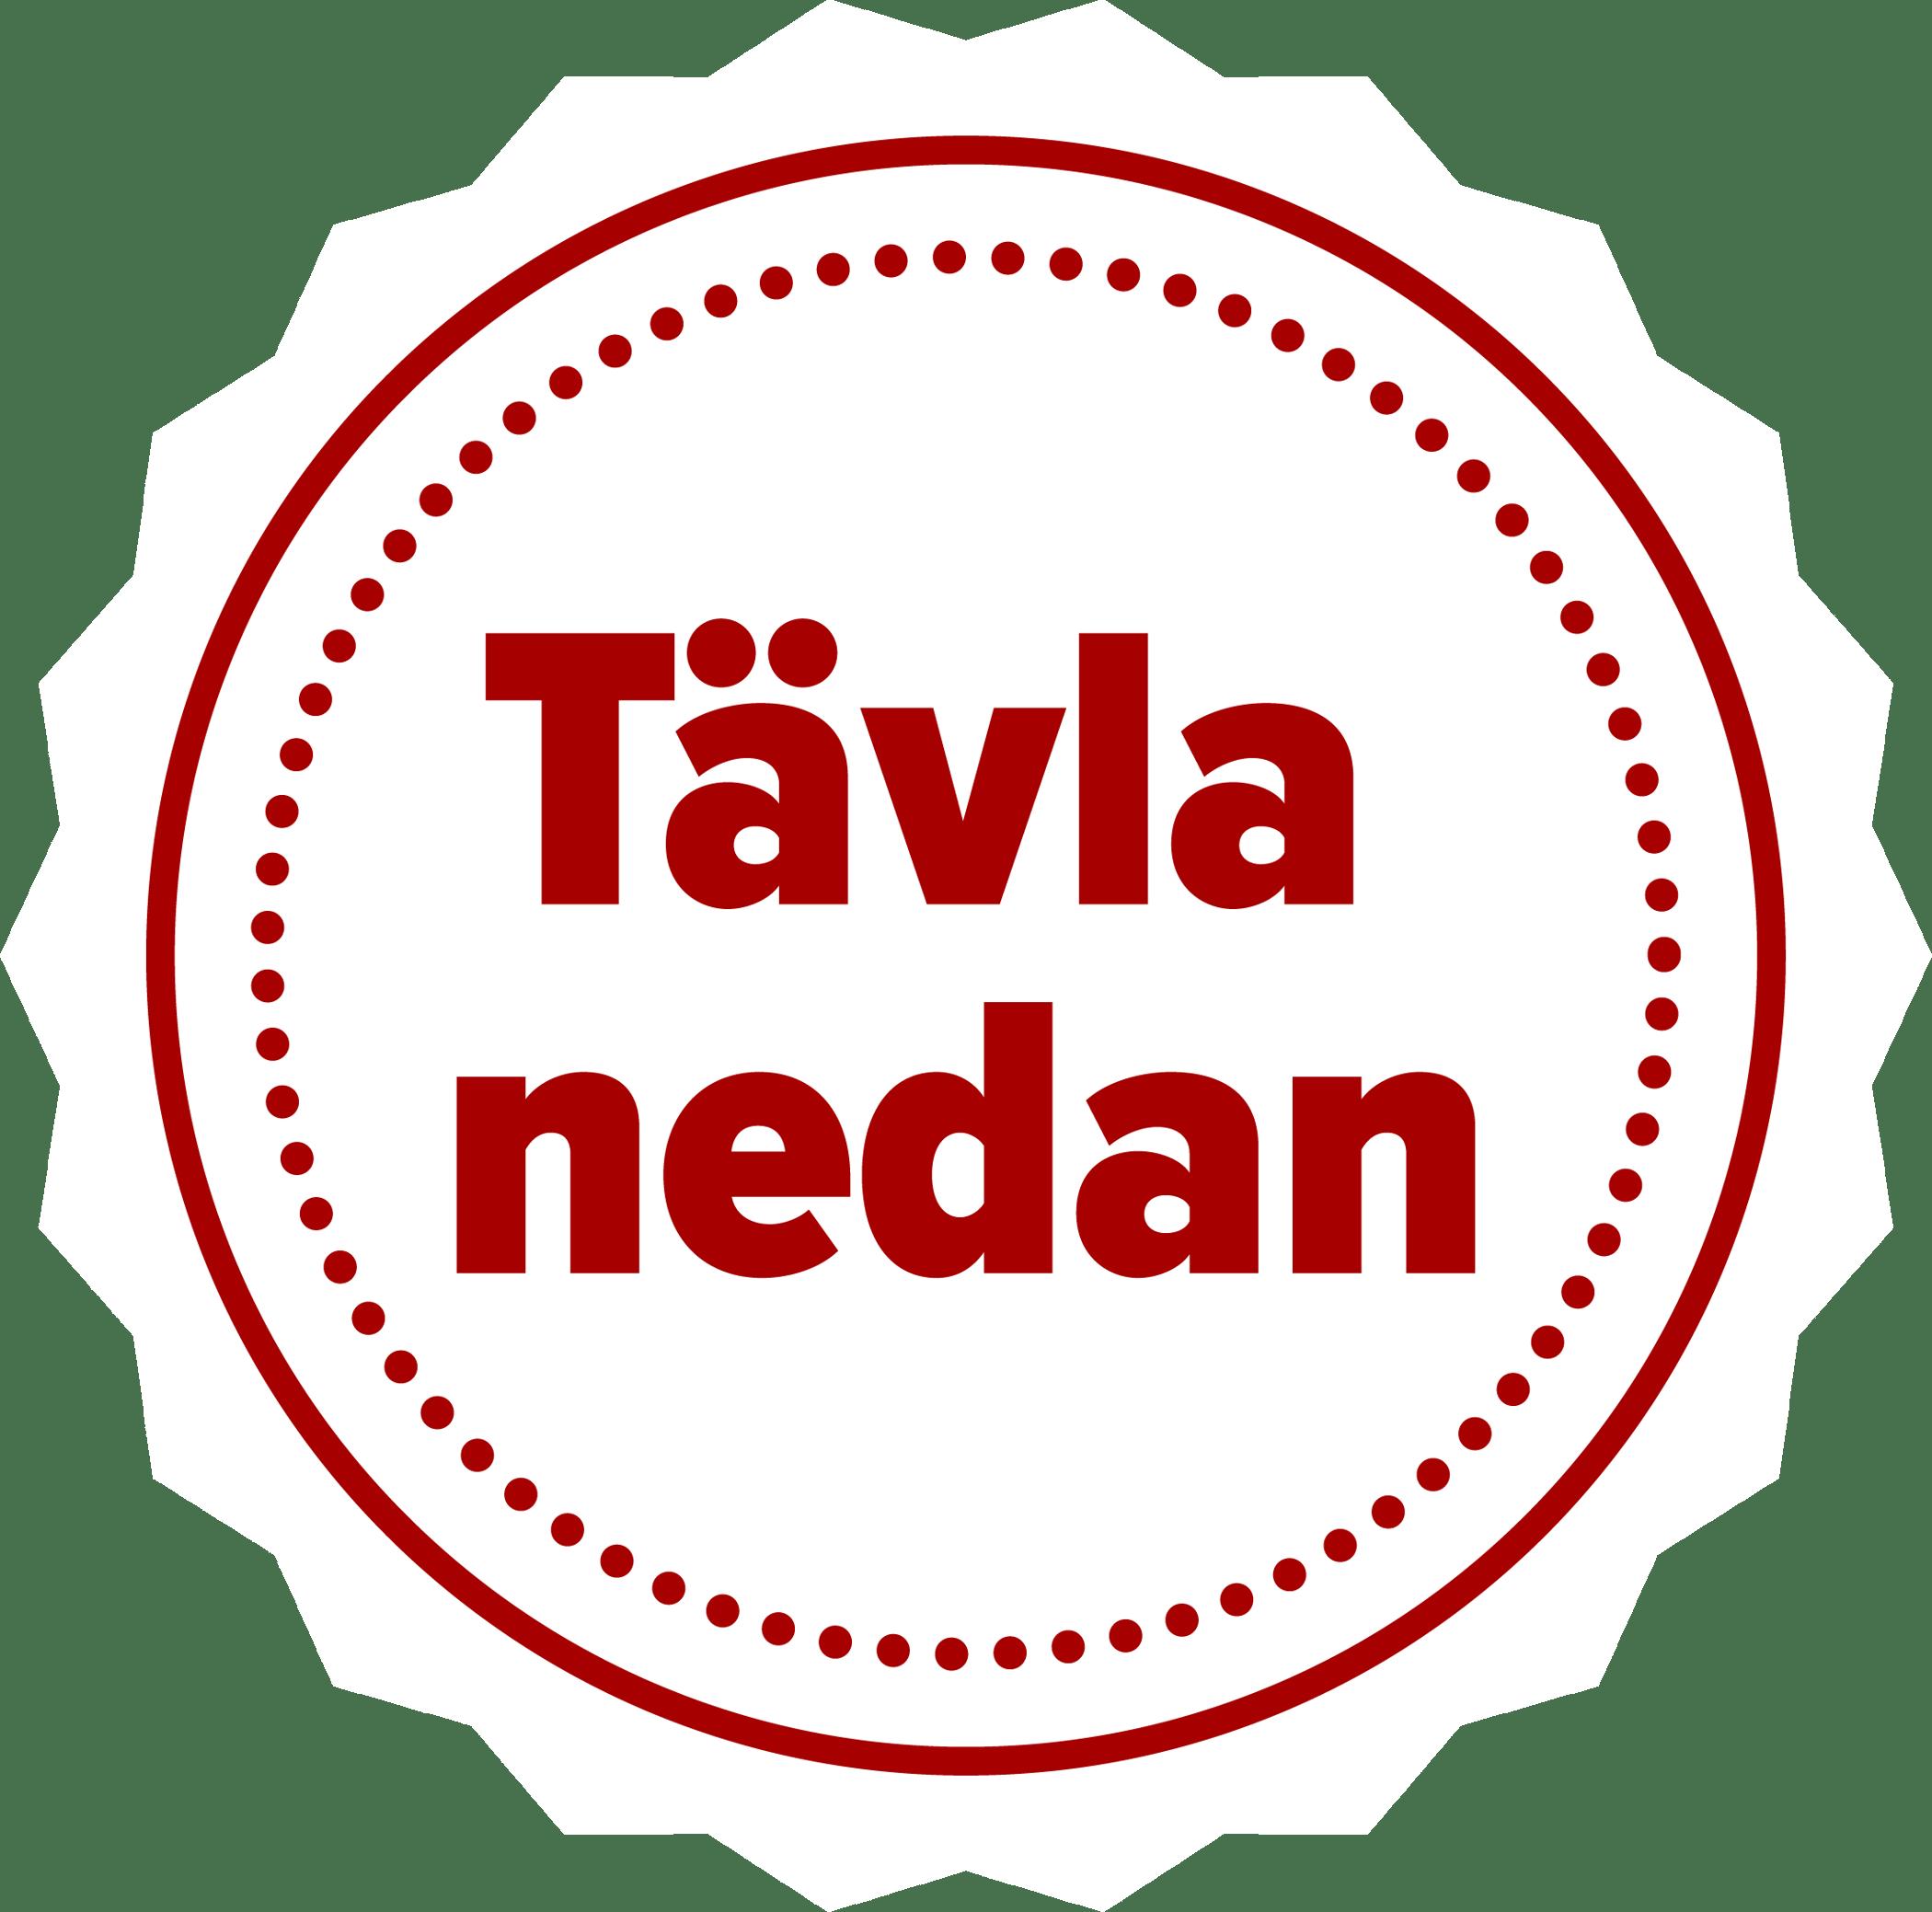 tavla-nedan-badge.png